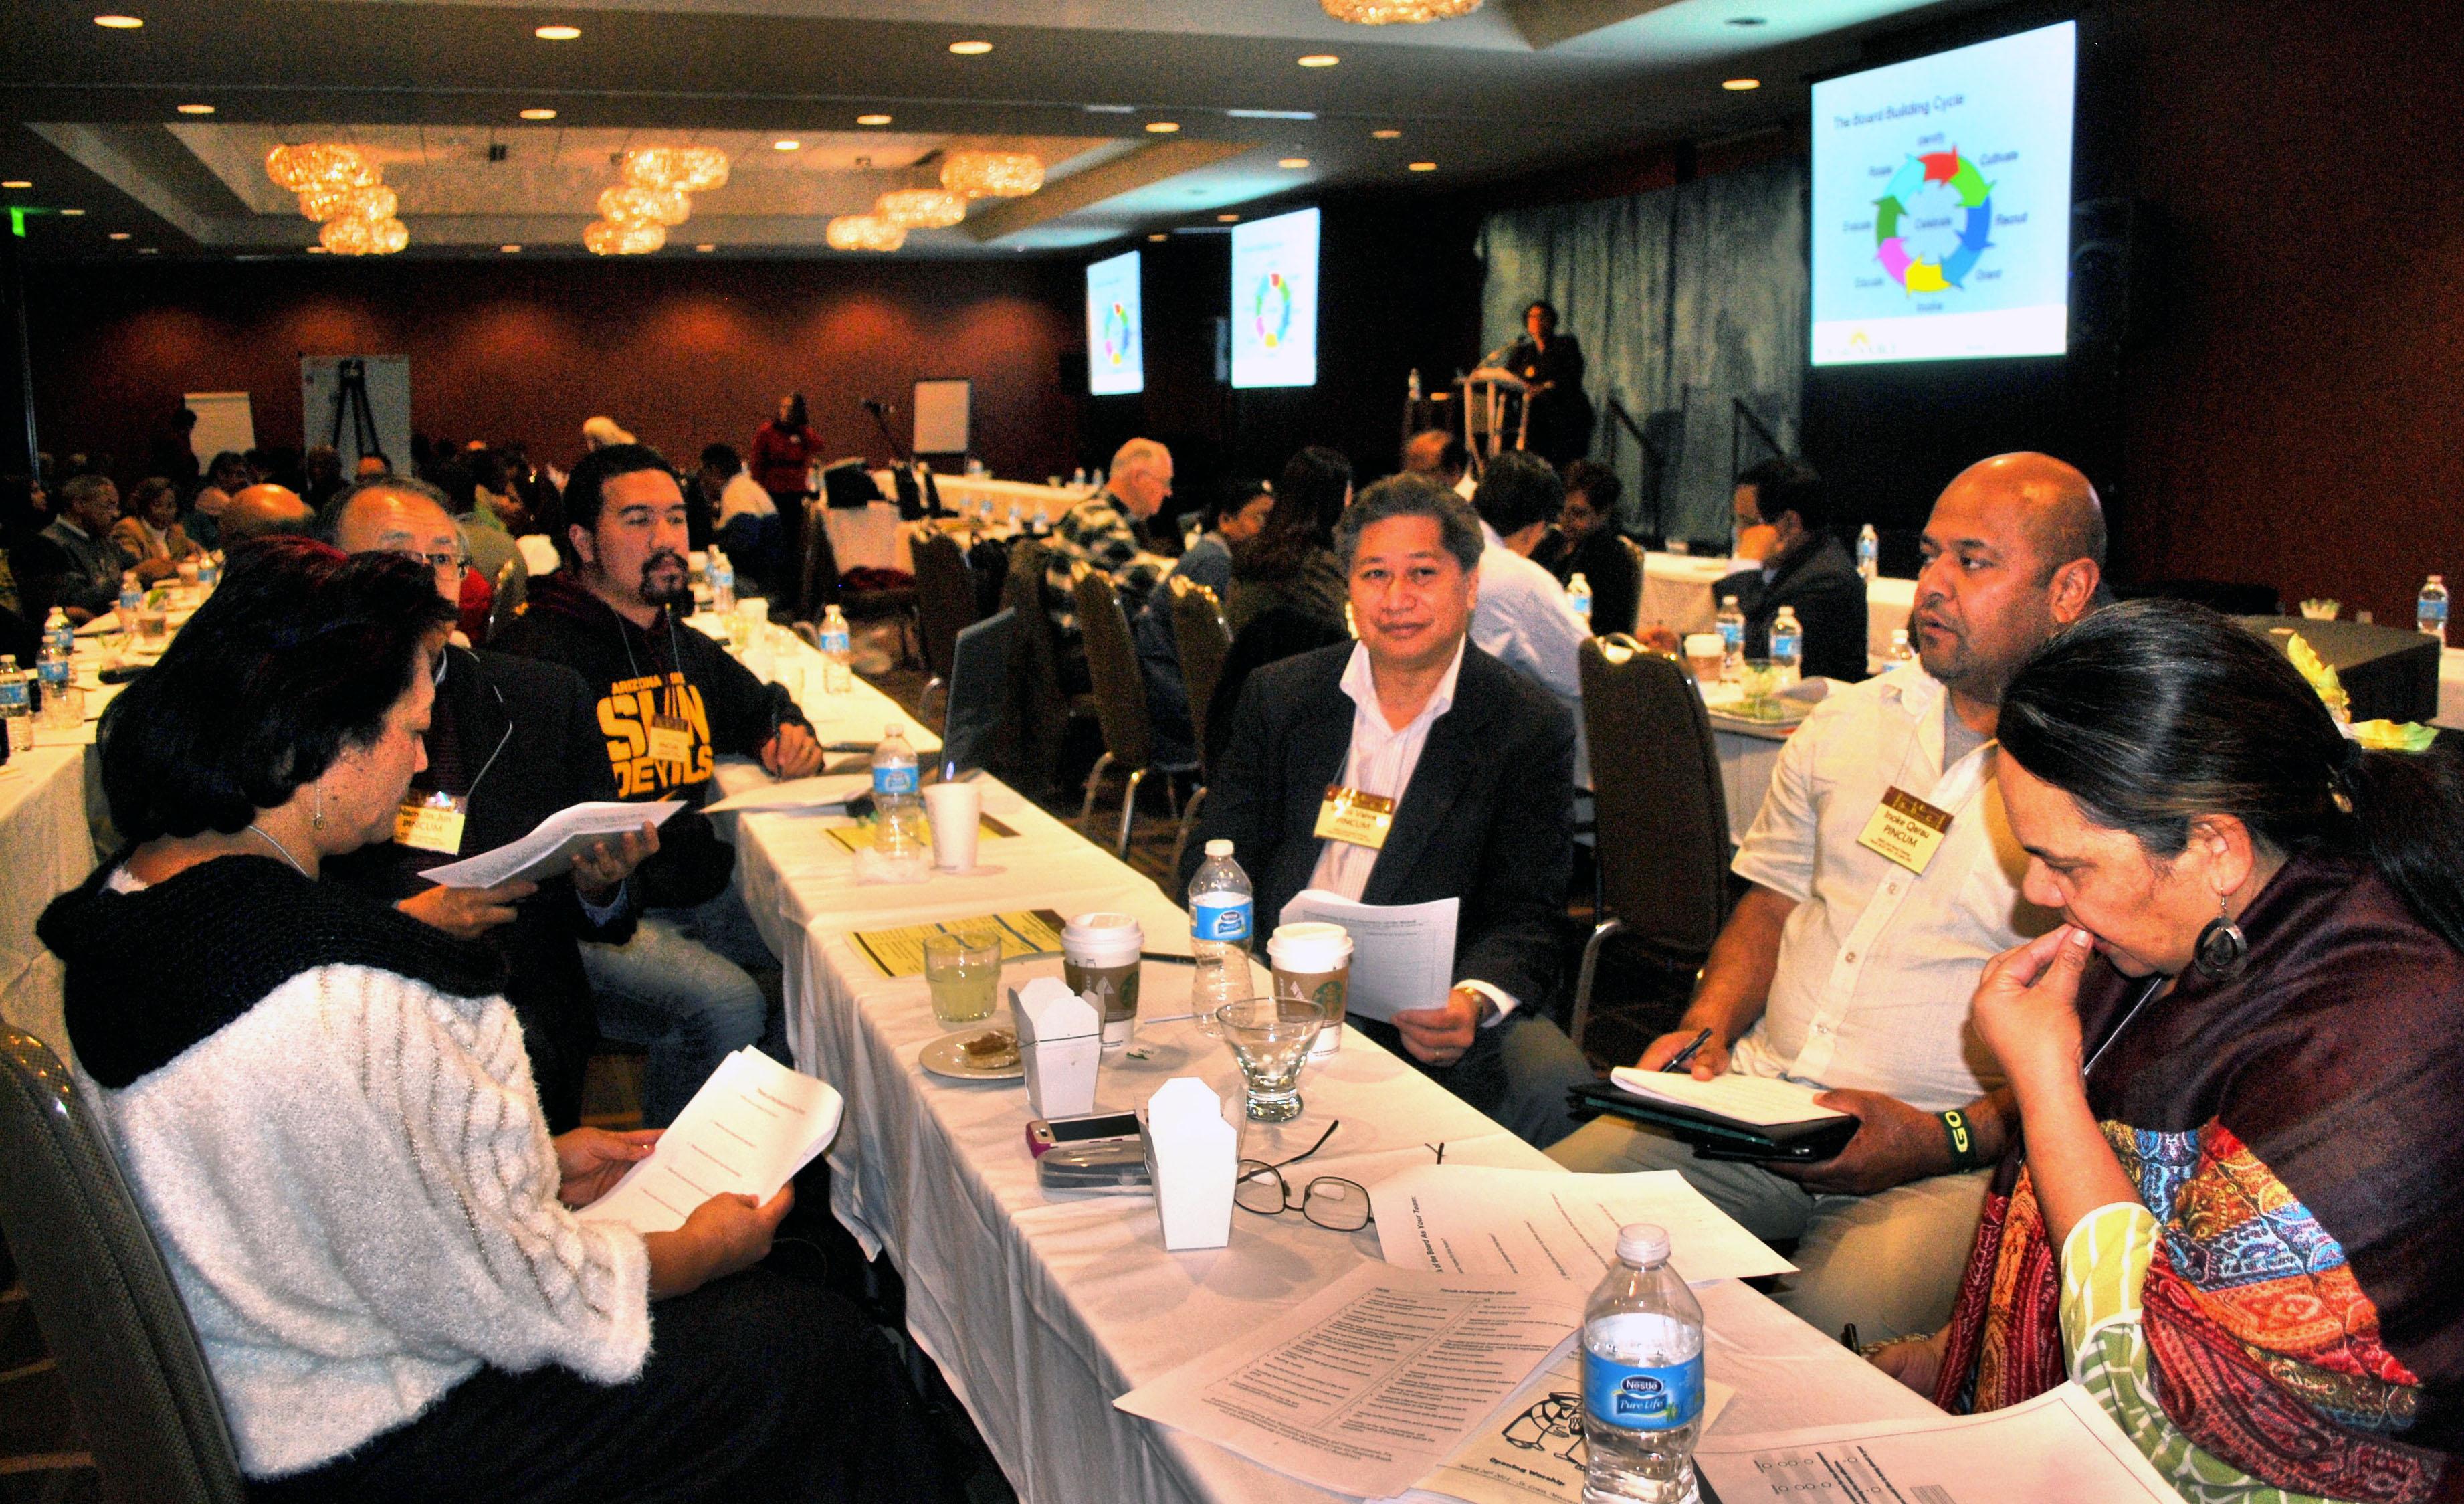 소그룹 토론에 참여한 태평양섬주민전국연합회 이사회 회원들. 지난 3월 26-27일 세인트루이스에서 처음으로 교단 내 5개 소수인종연합회들이 함께 모여 아이디어를 나누고 역량을 세우기 위해 모였다.